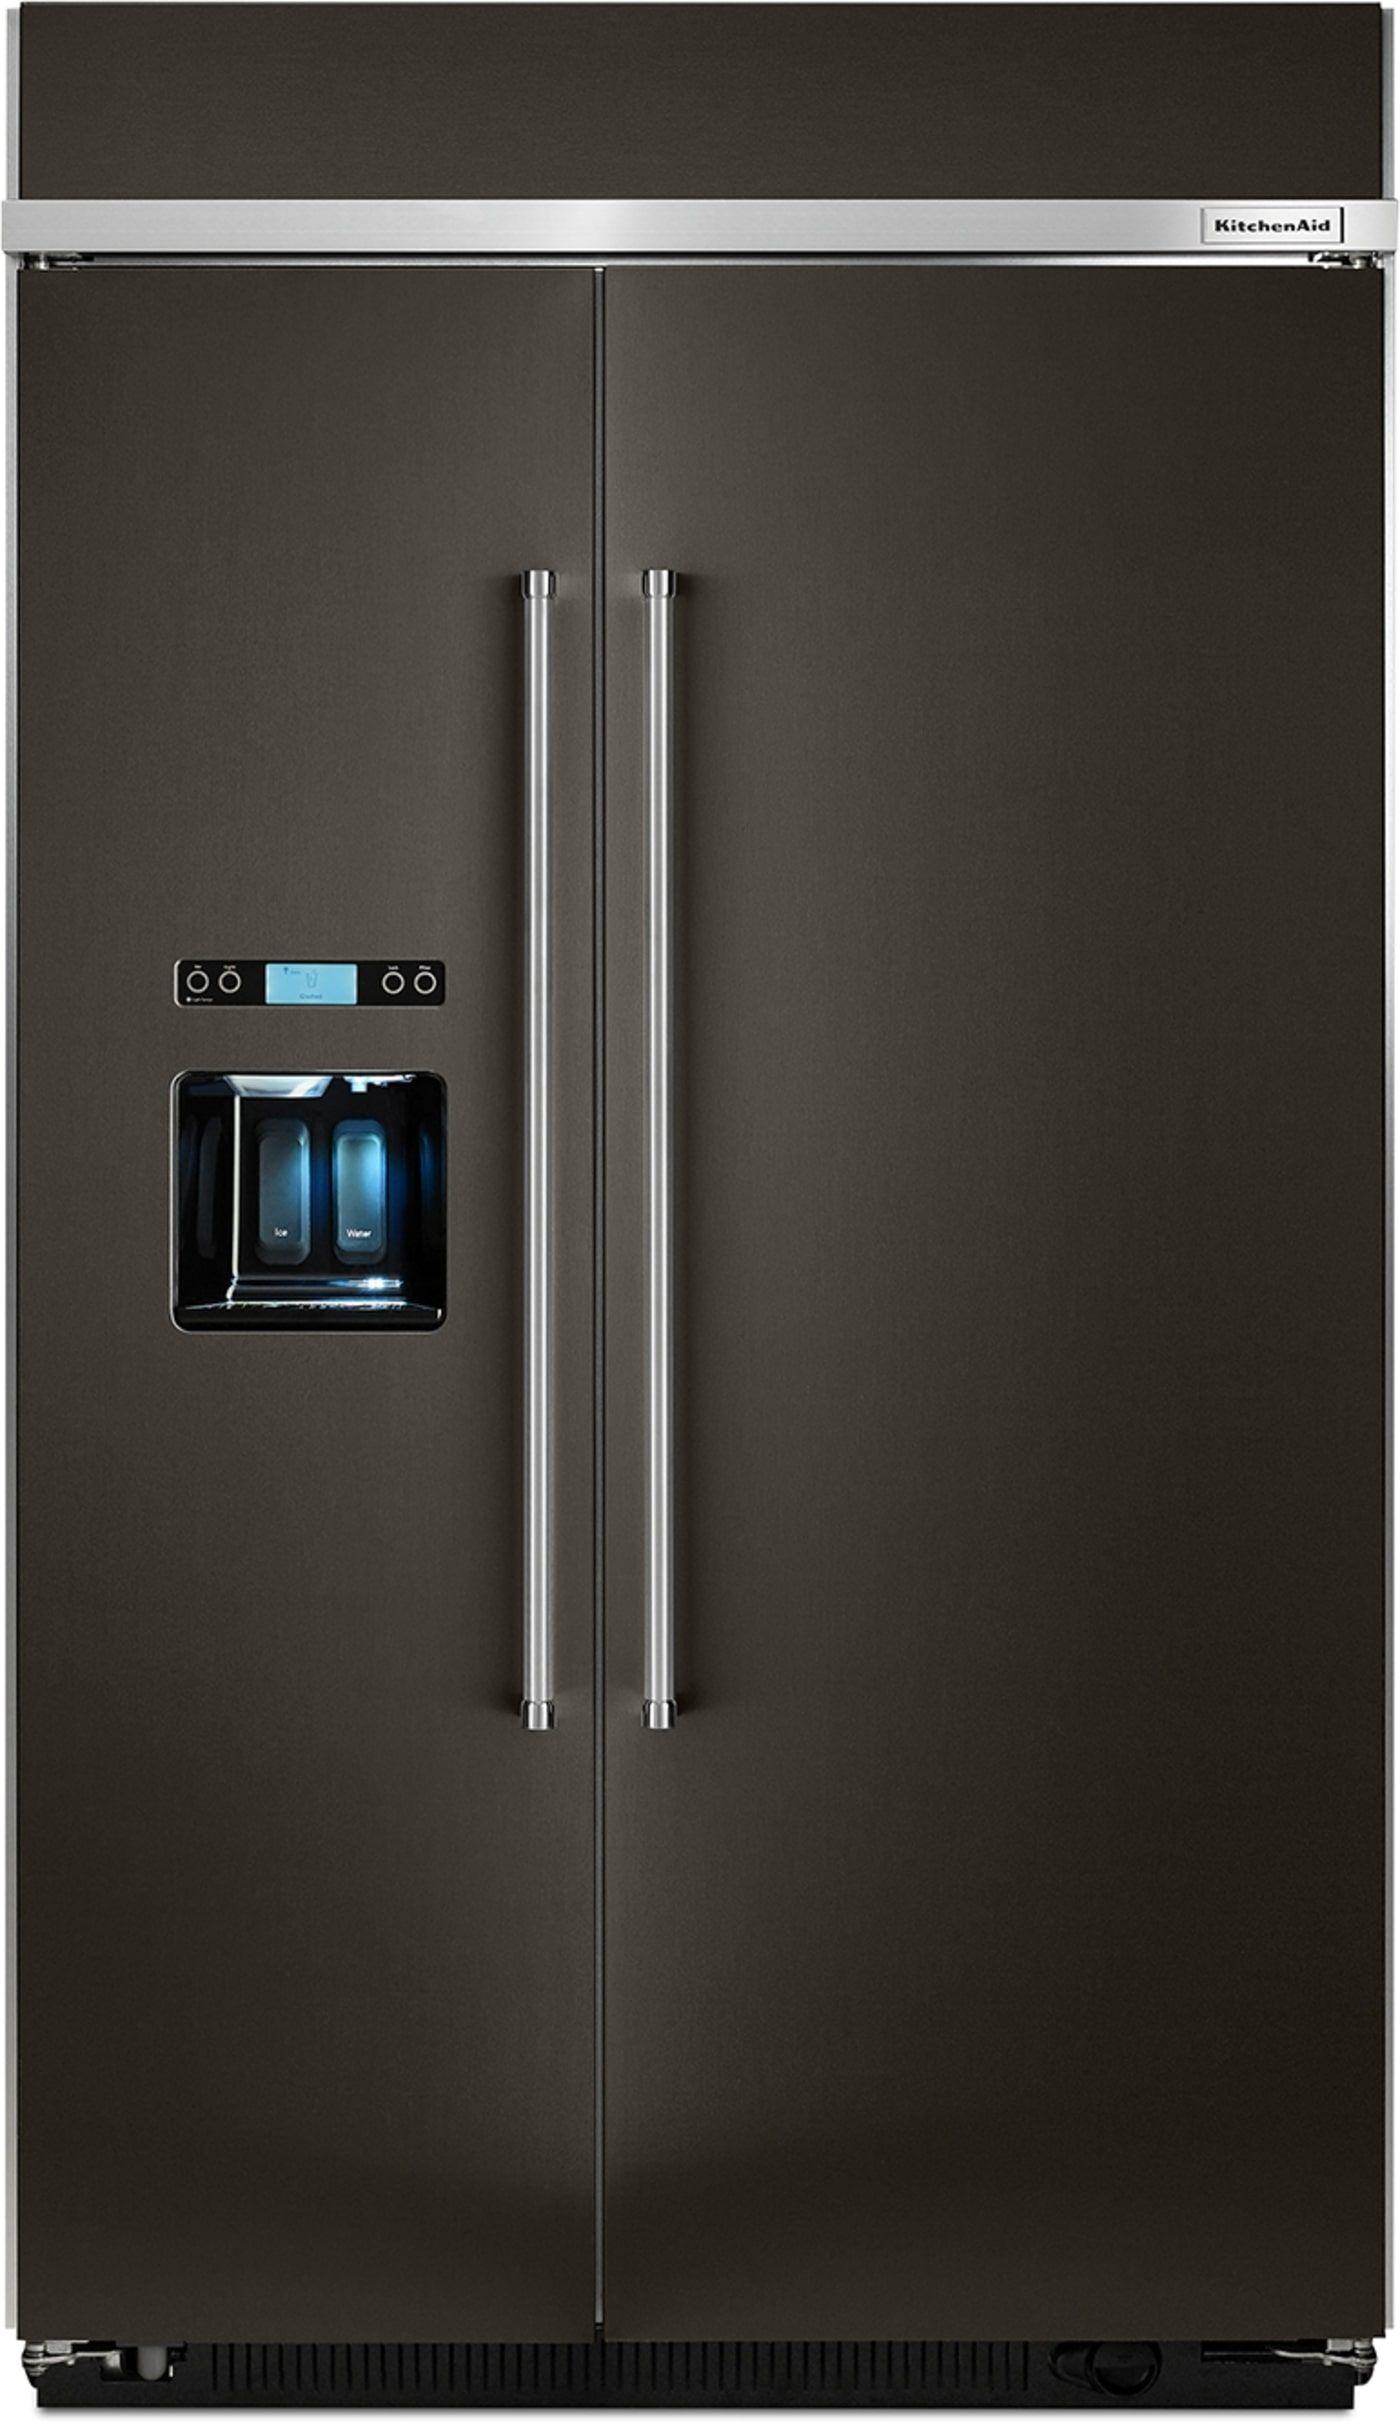 Kbsd608ebs by kitchenaid sidebyside refrigerators